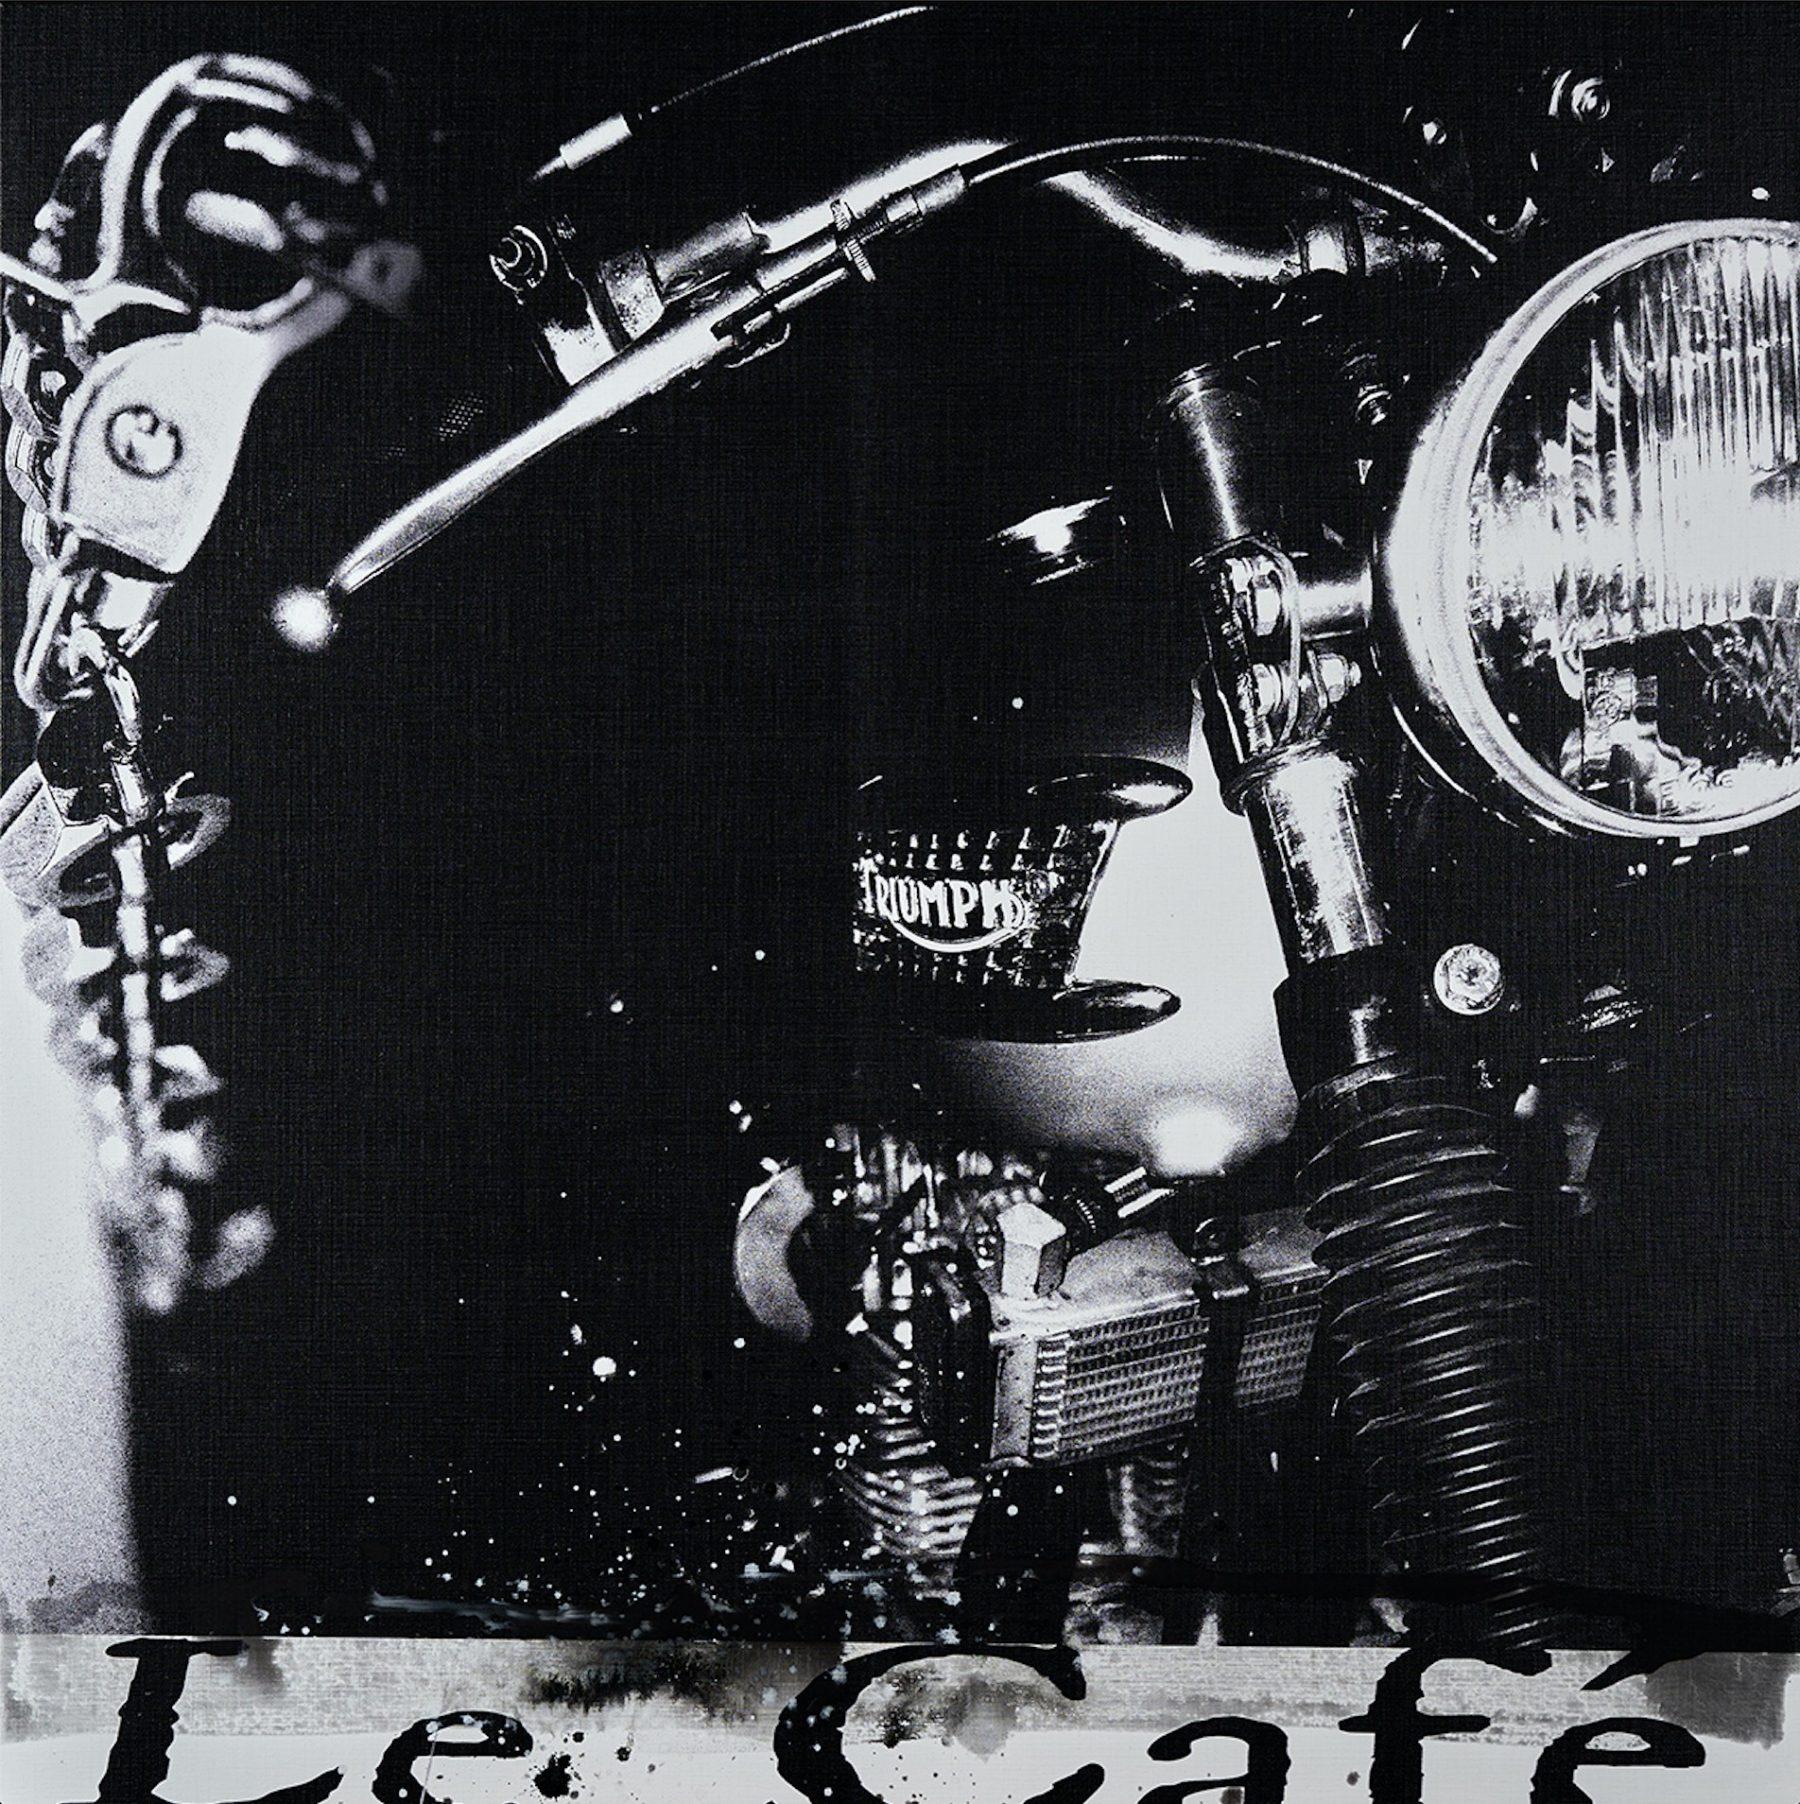 Le café - Döring, Jörg - k-DPH20008